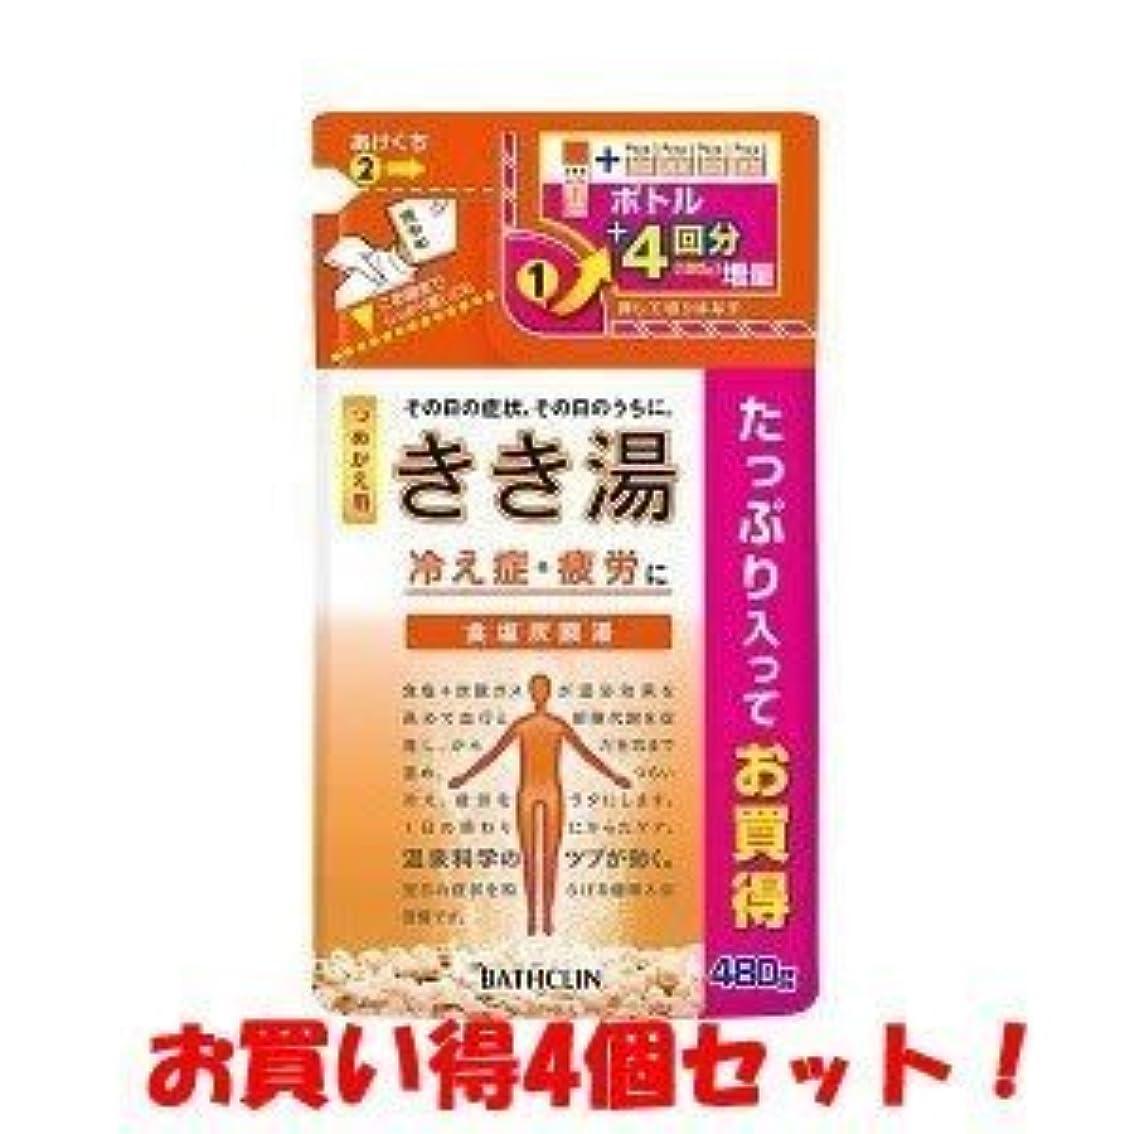 安価なスーパー美人(バスクリン)きき湯 食塩炭酸湯 つめかえ用 480g(医薬部外品)(お買い得4個セット)